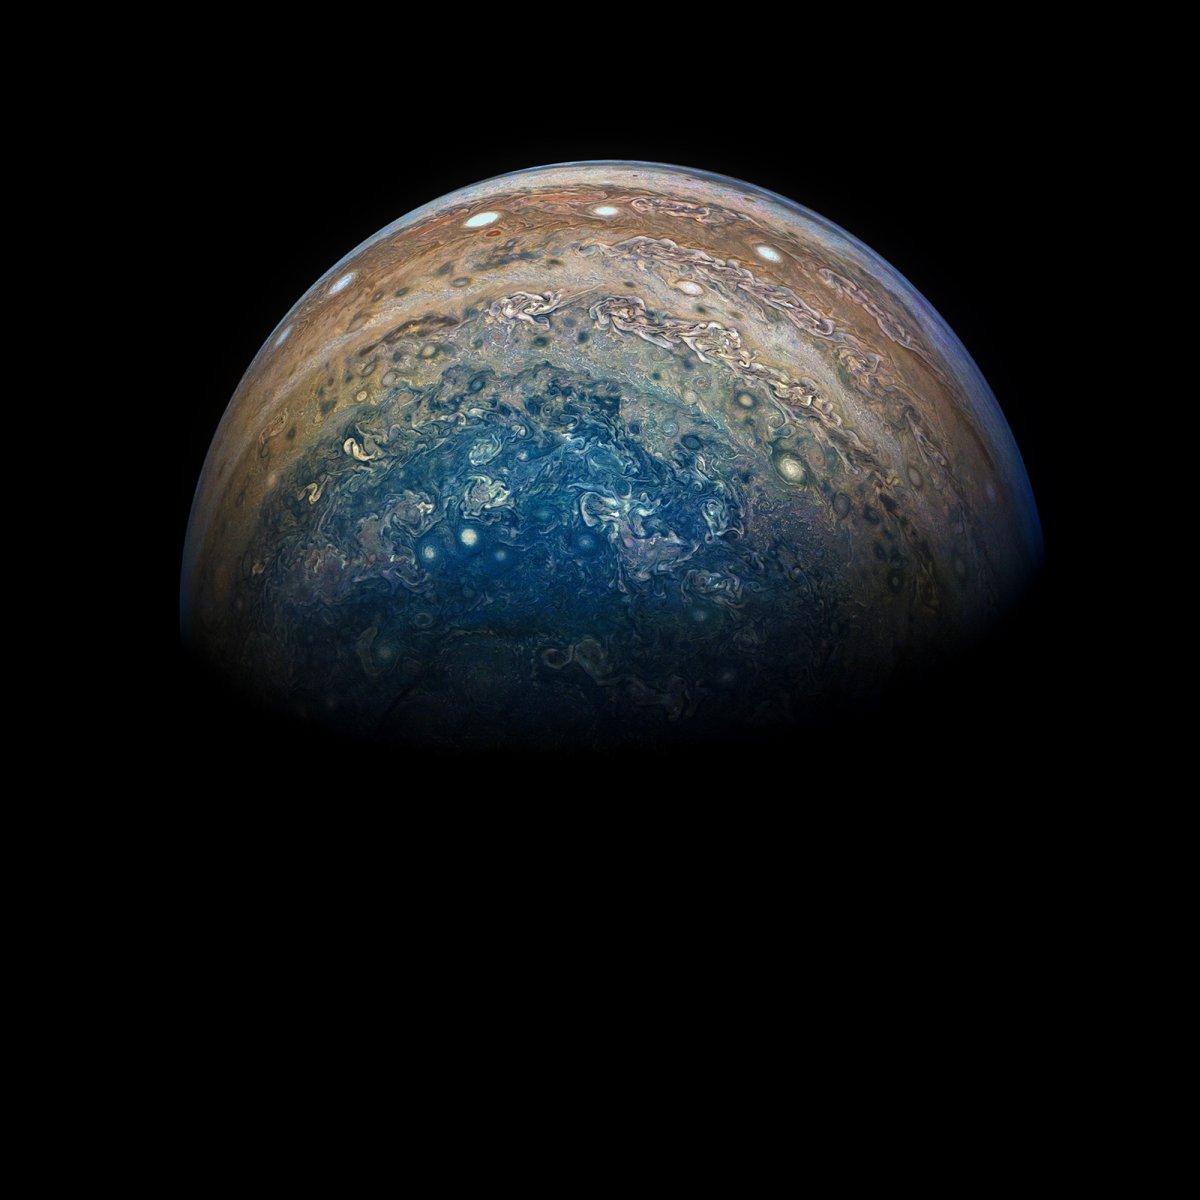 Juno20182.jpg